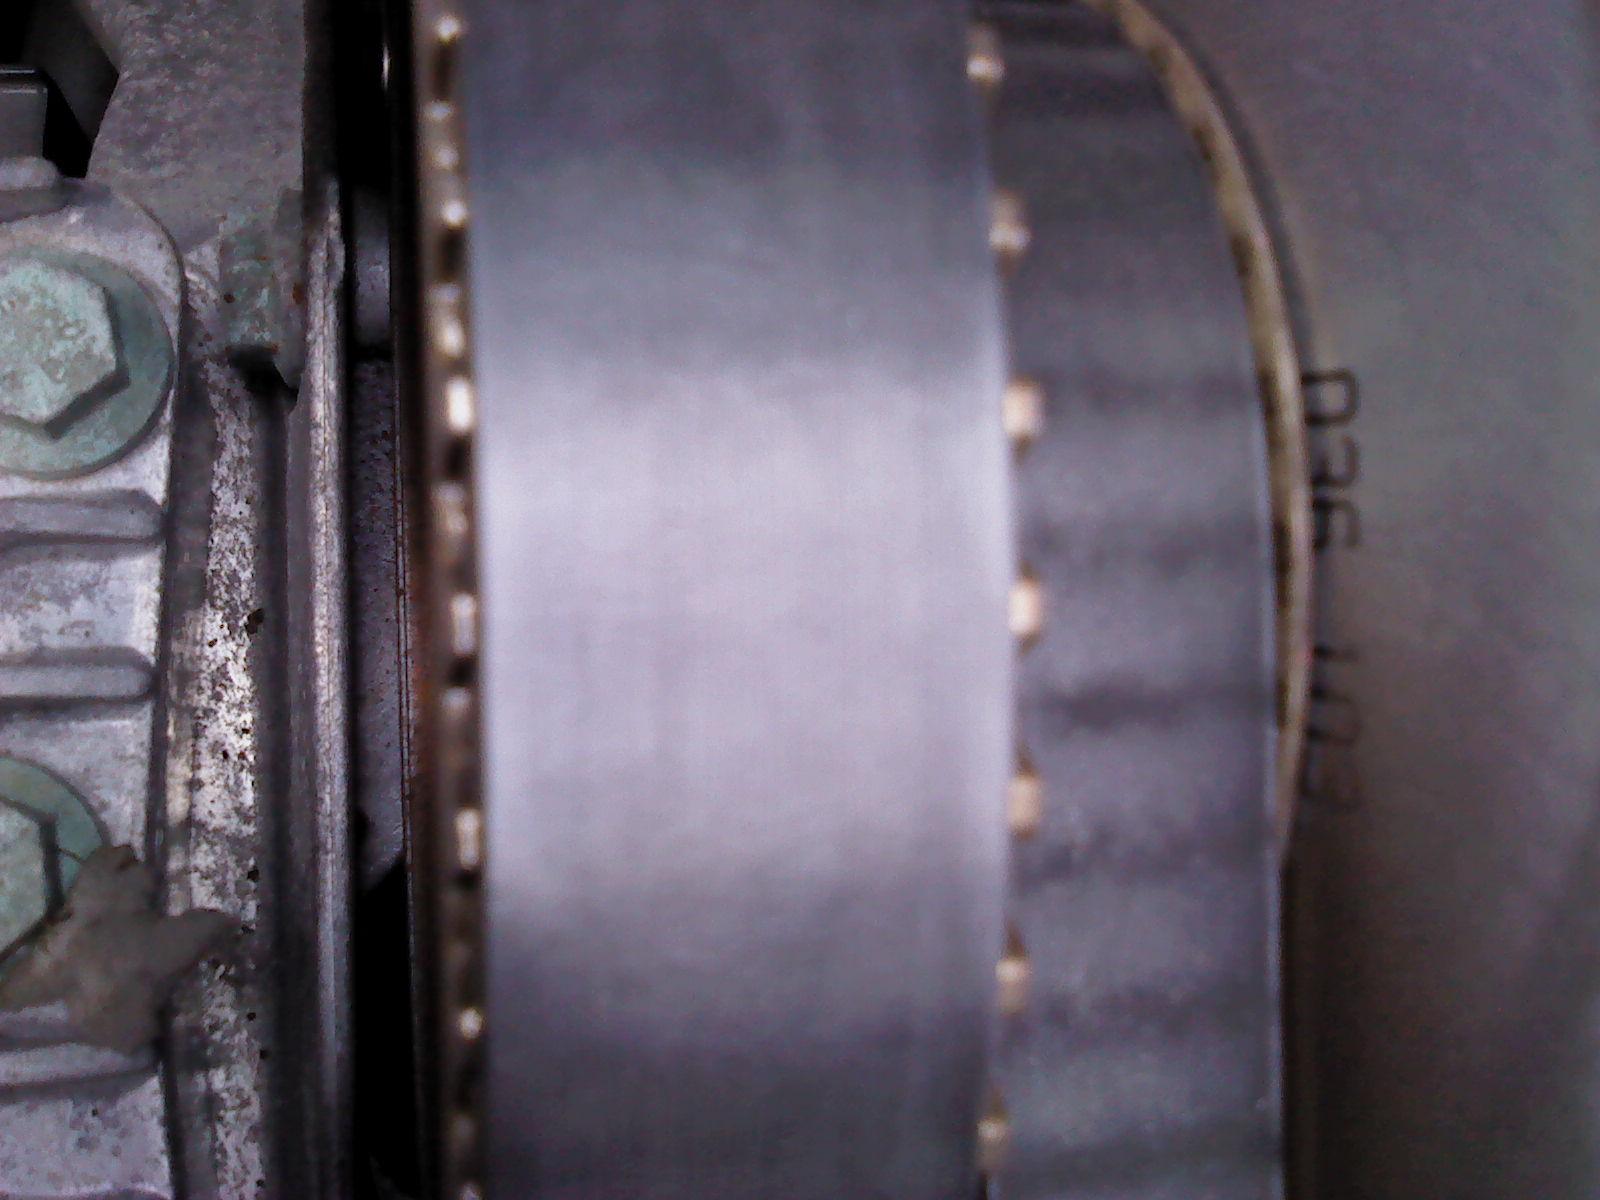 DSC00022.JPG.f98ca24623bb01e2a0fad257b1723eee.JPG